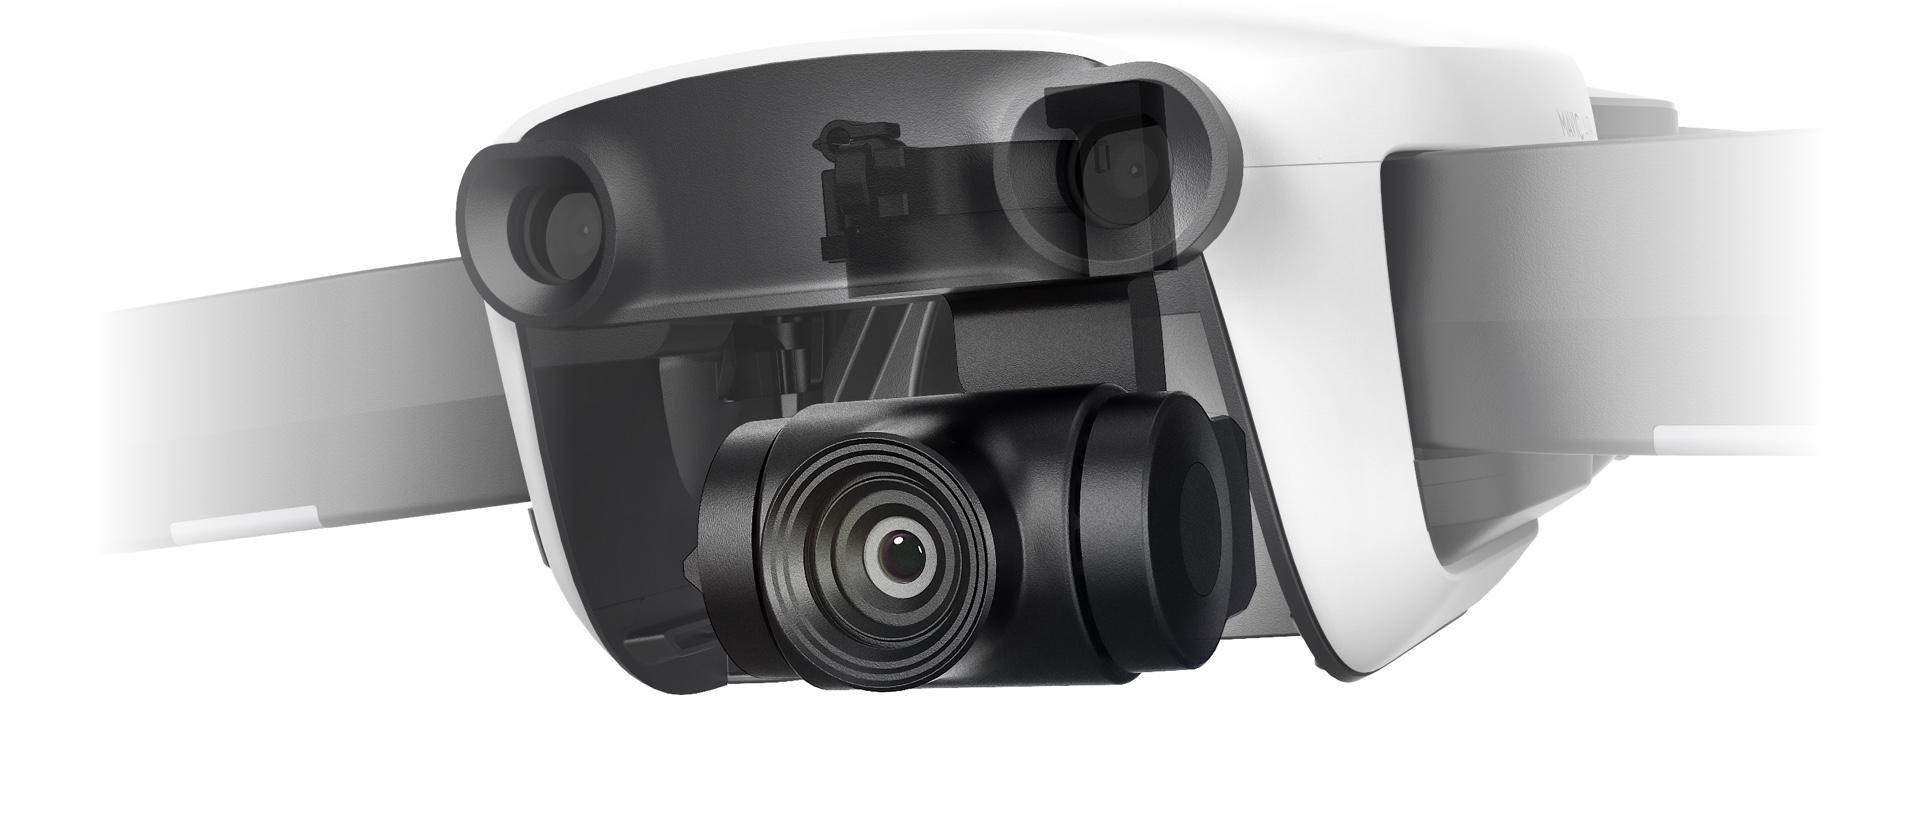 3-Axis Gimbal Camera